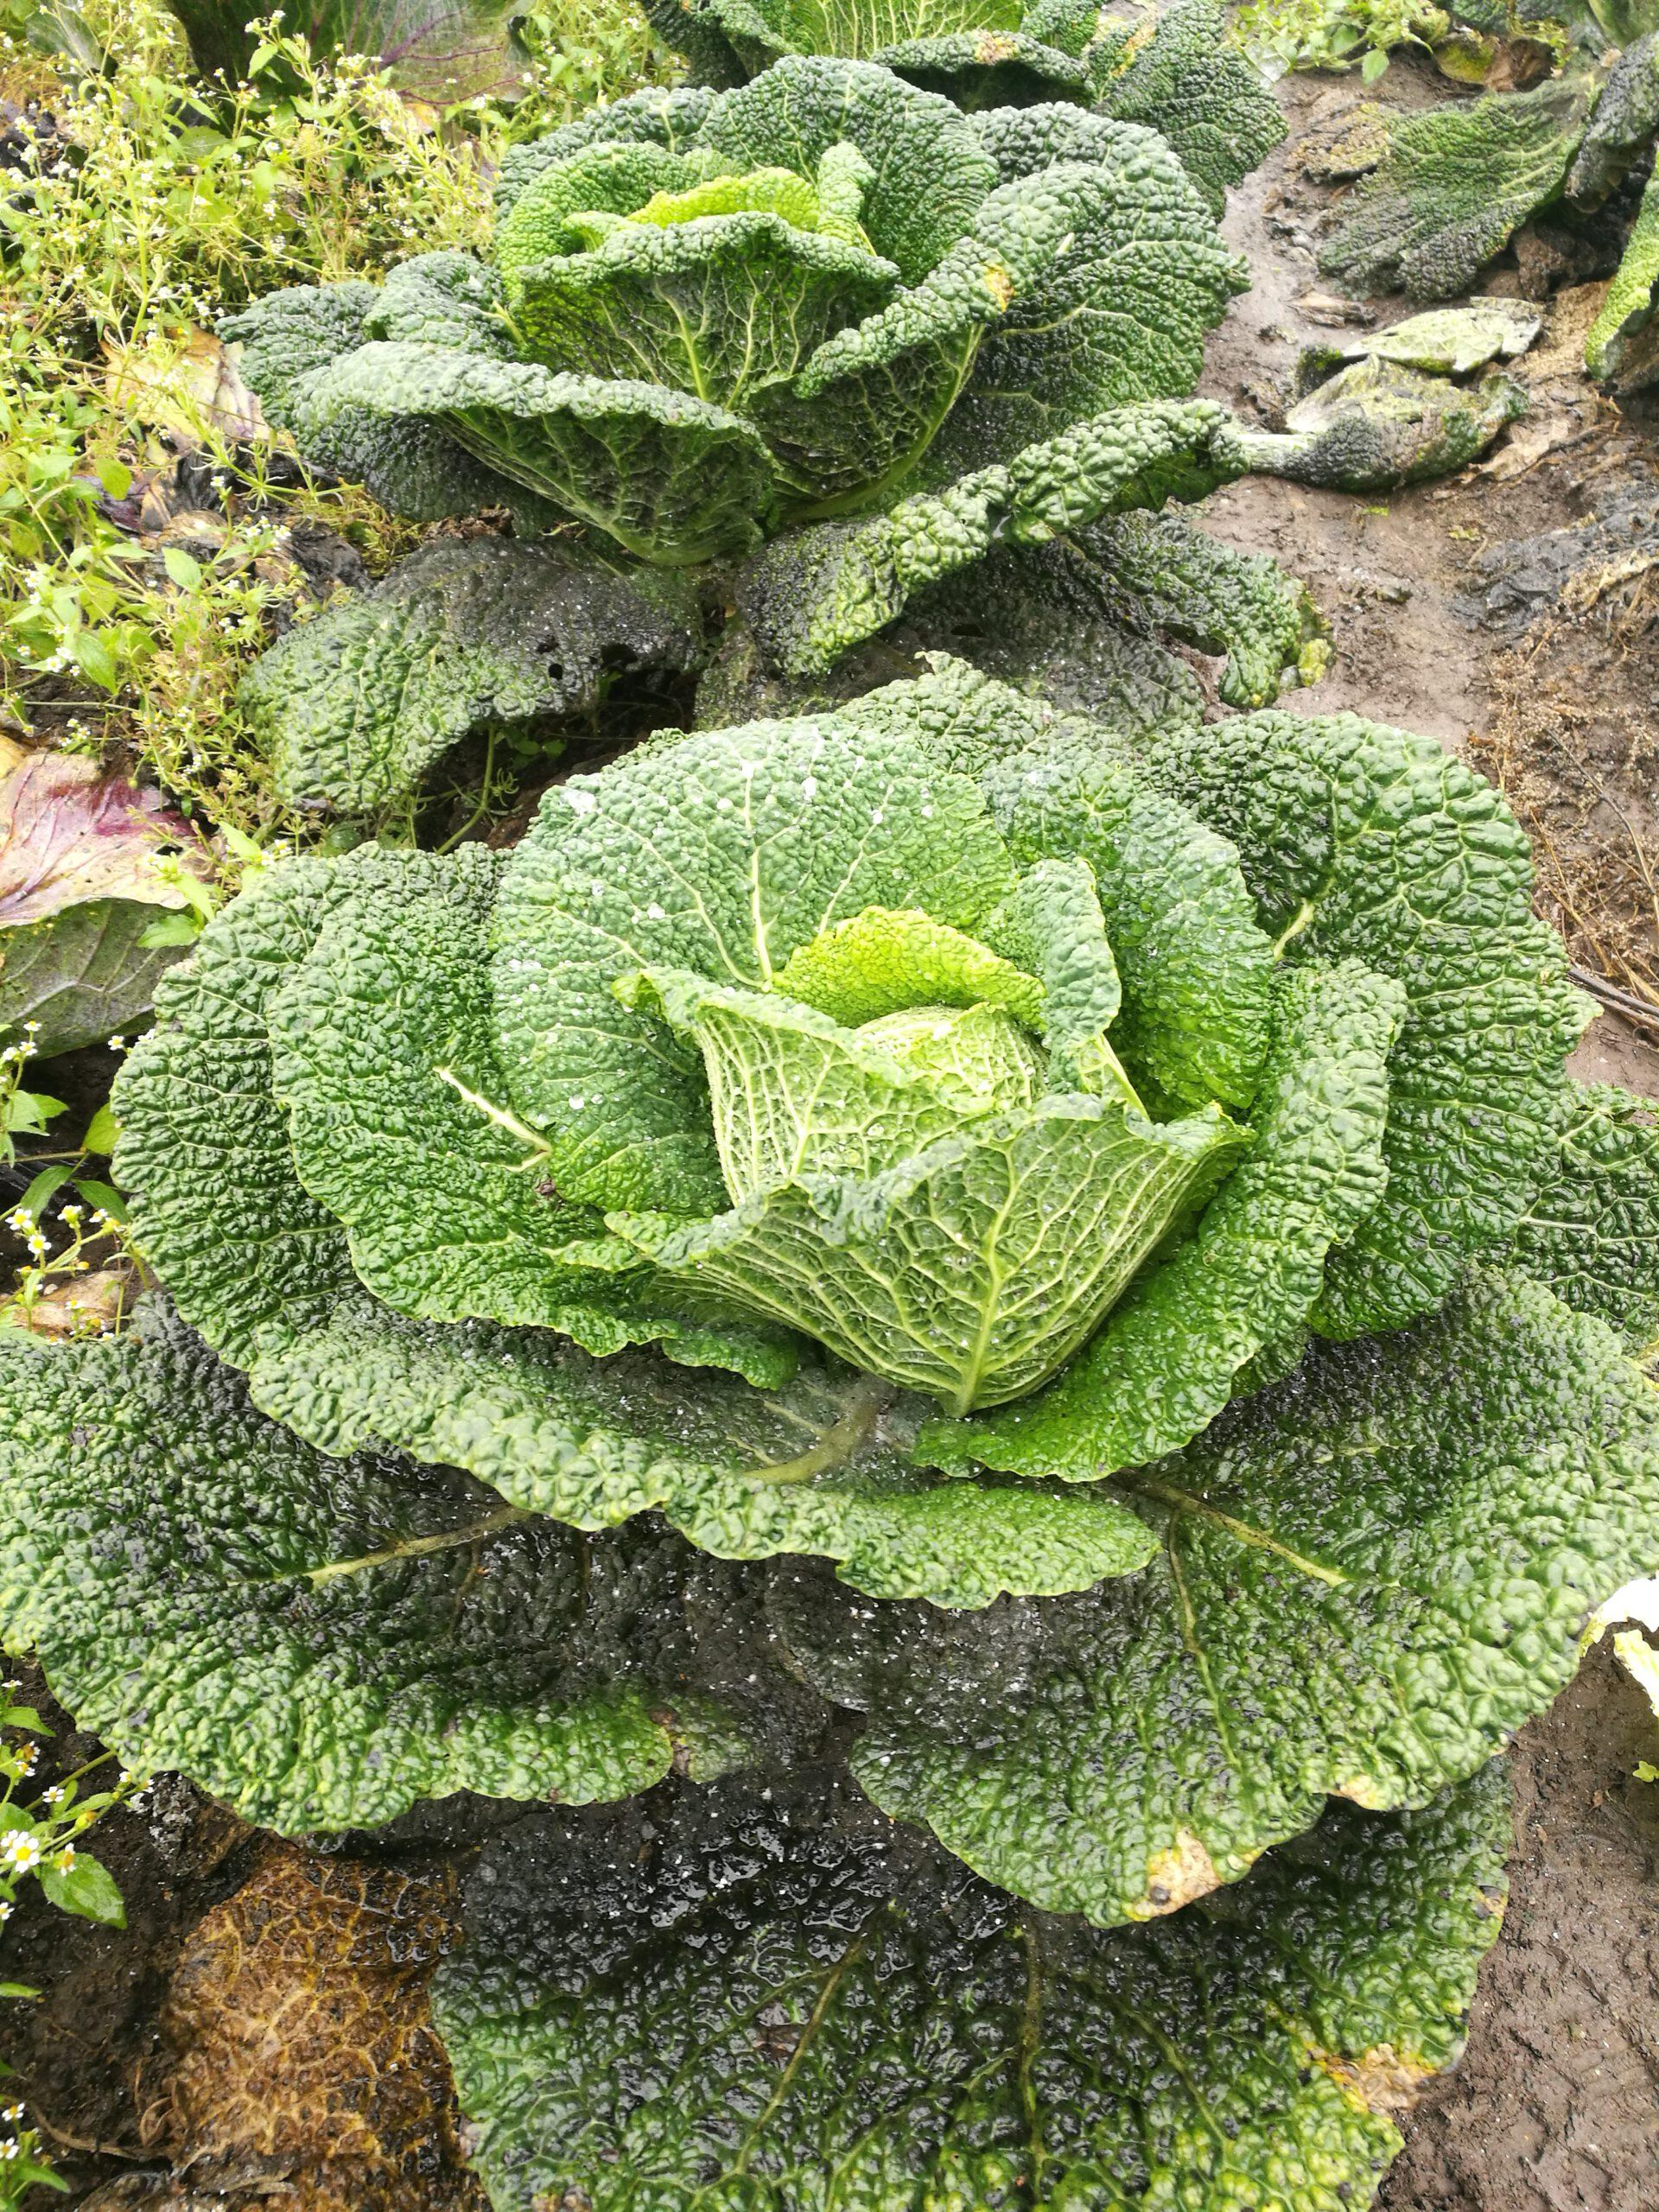 Wirsingpflanzerl als (gemüsehaltige) Alternative zu Fleischpflanzerl